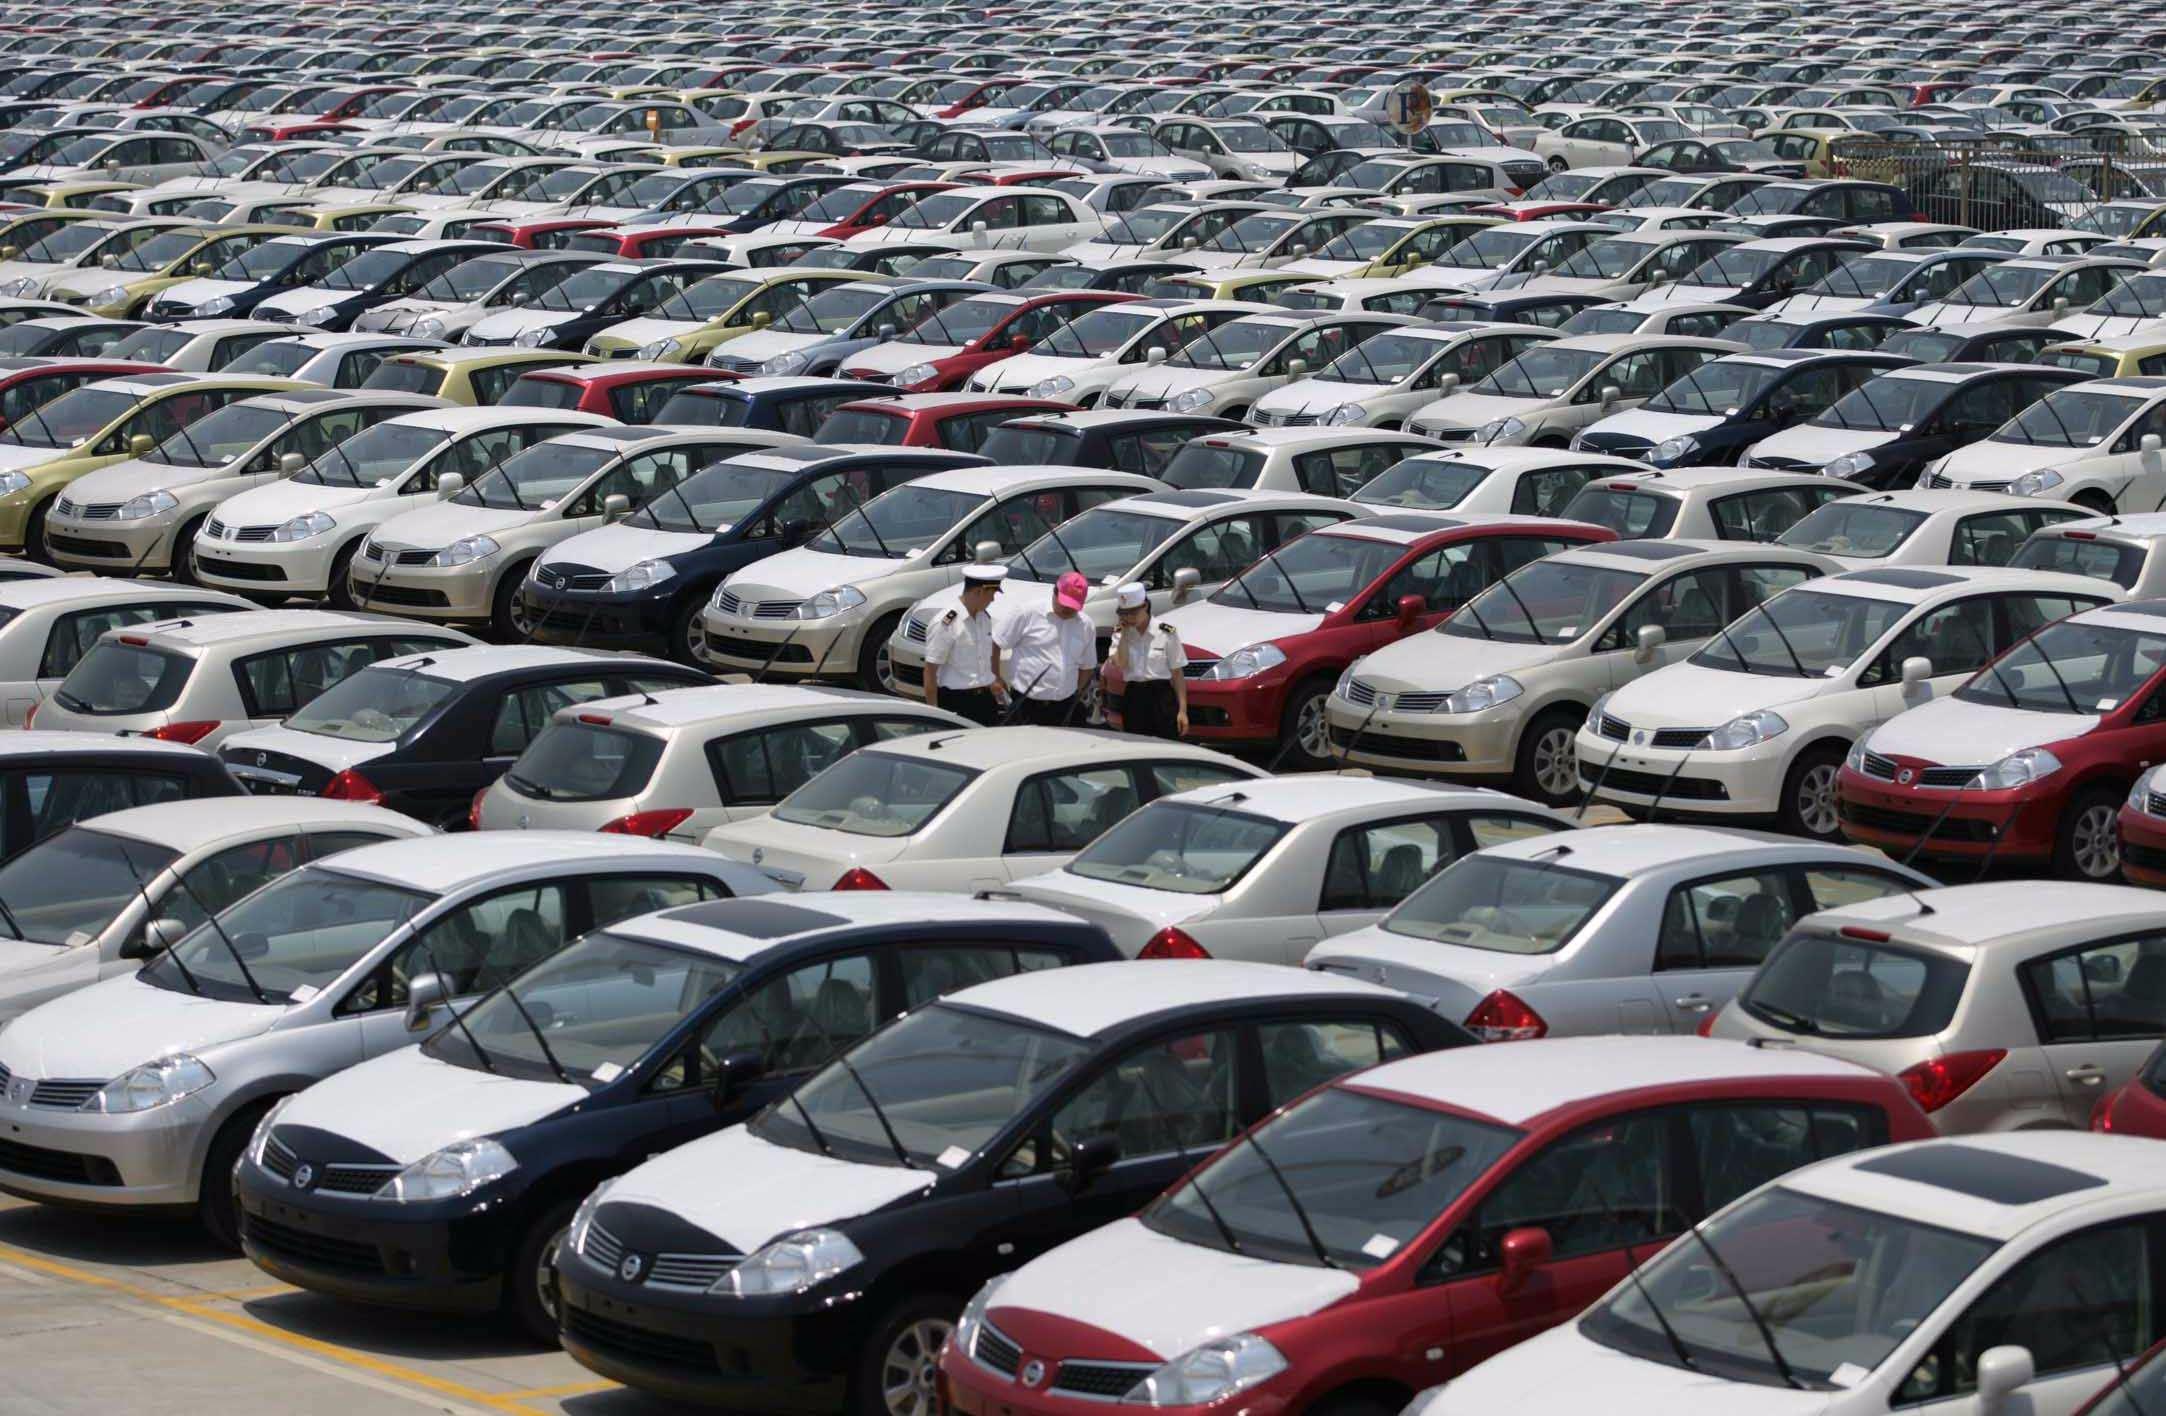 福特汽车在华遇冷 福特中国CEO上任不足5个月闪辞